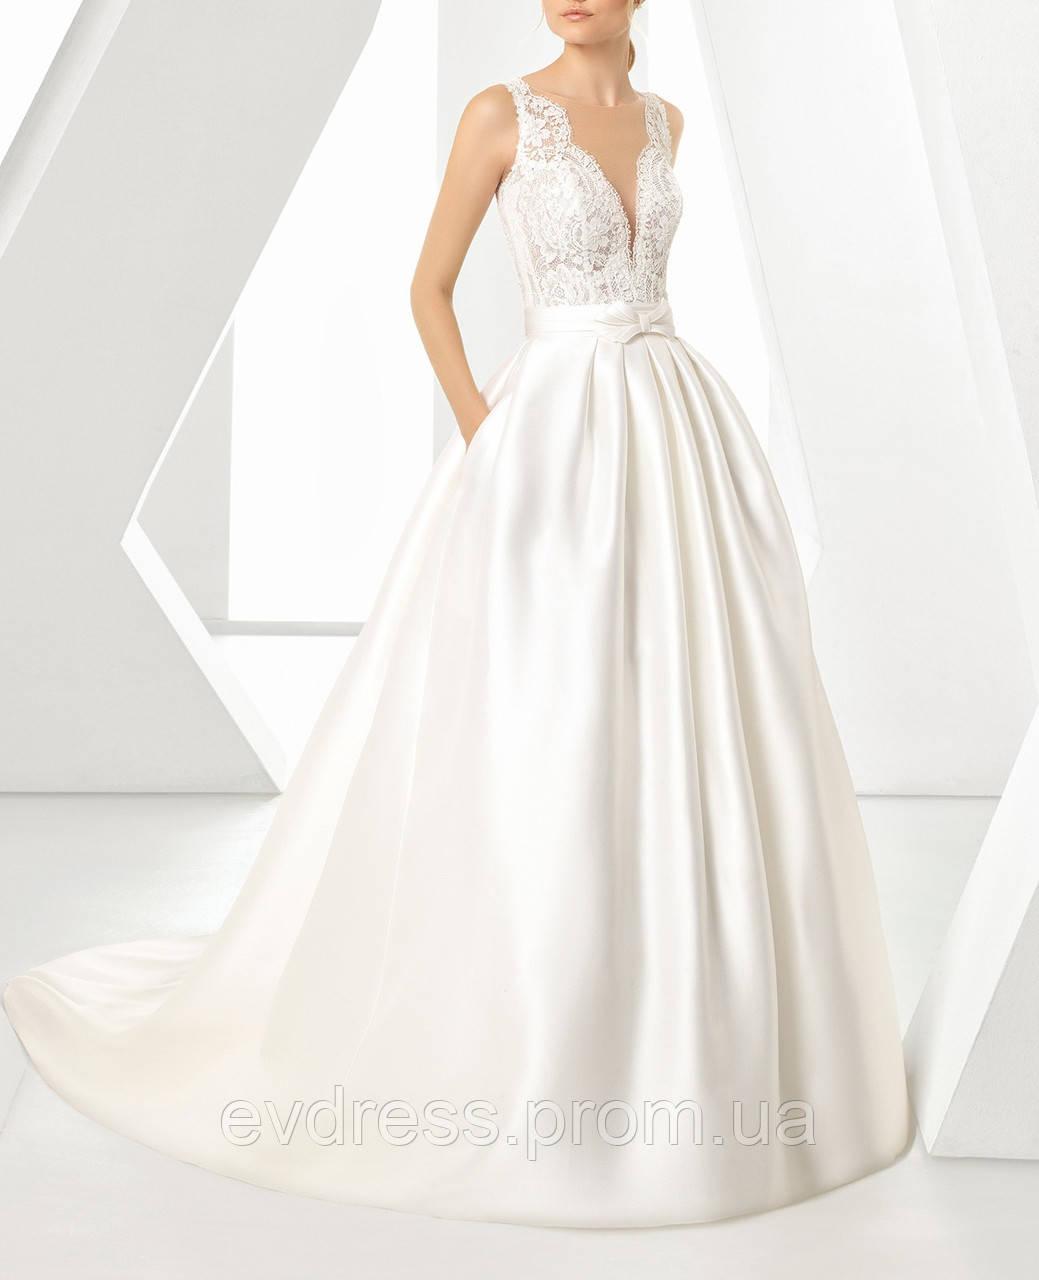 ac35c0f2f50 Пышное атласное свадебное платье А-силуэта с кружевом и карманами СВ-6812 -  Интернет